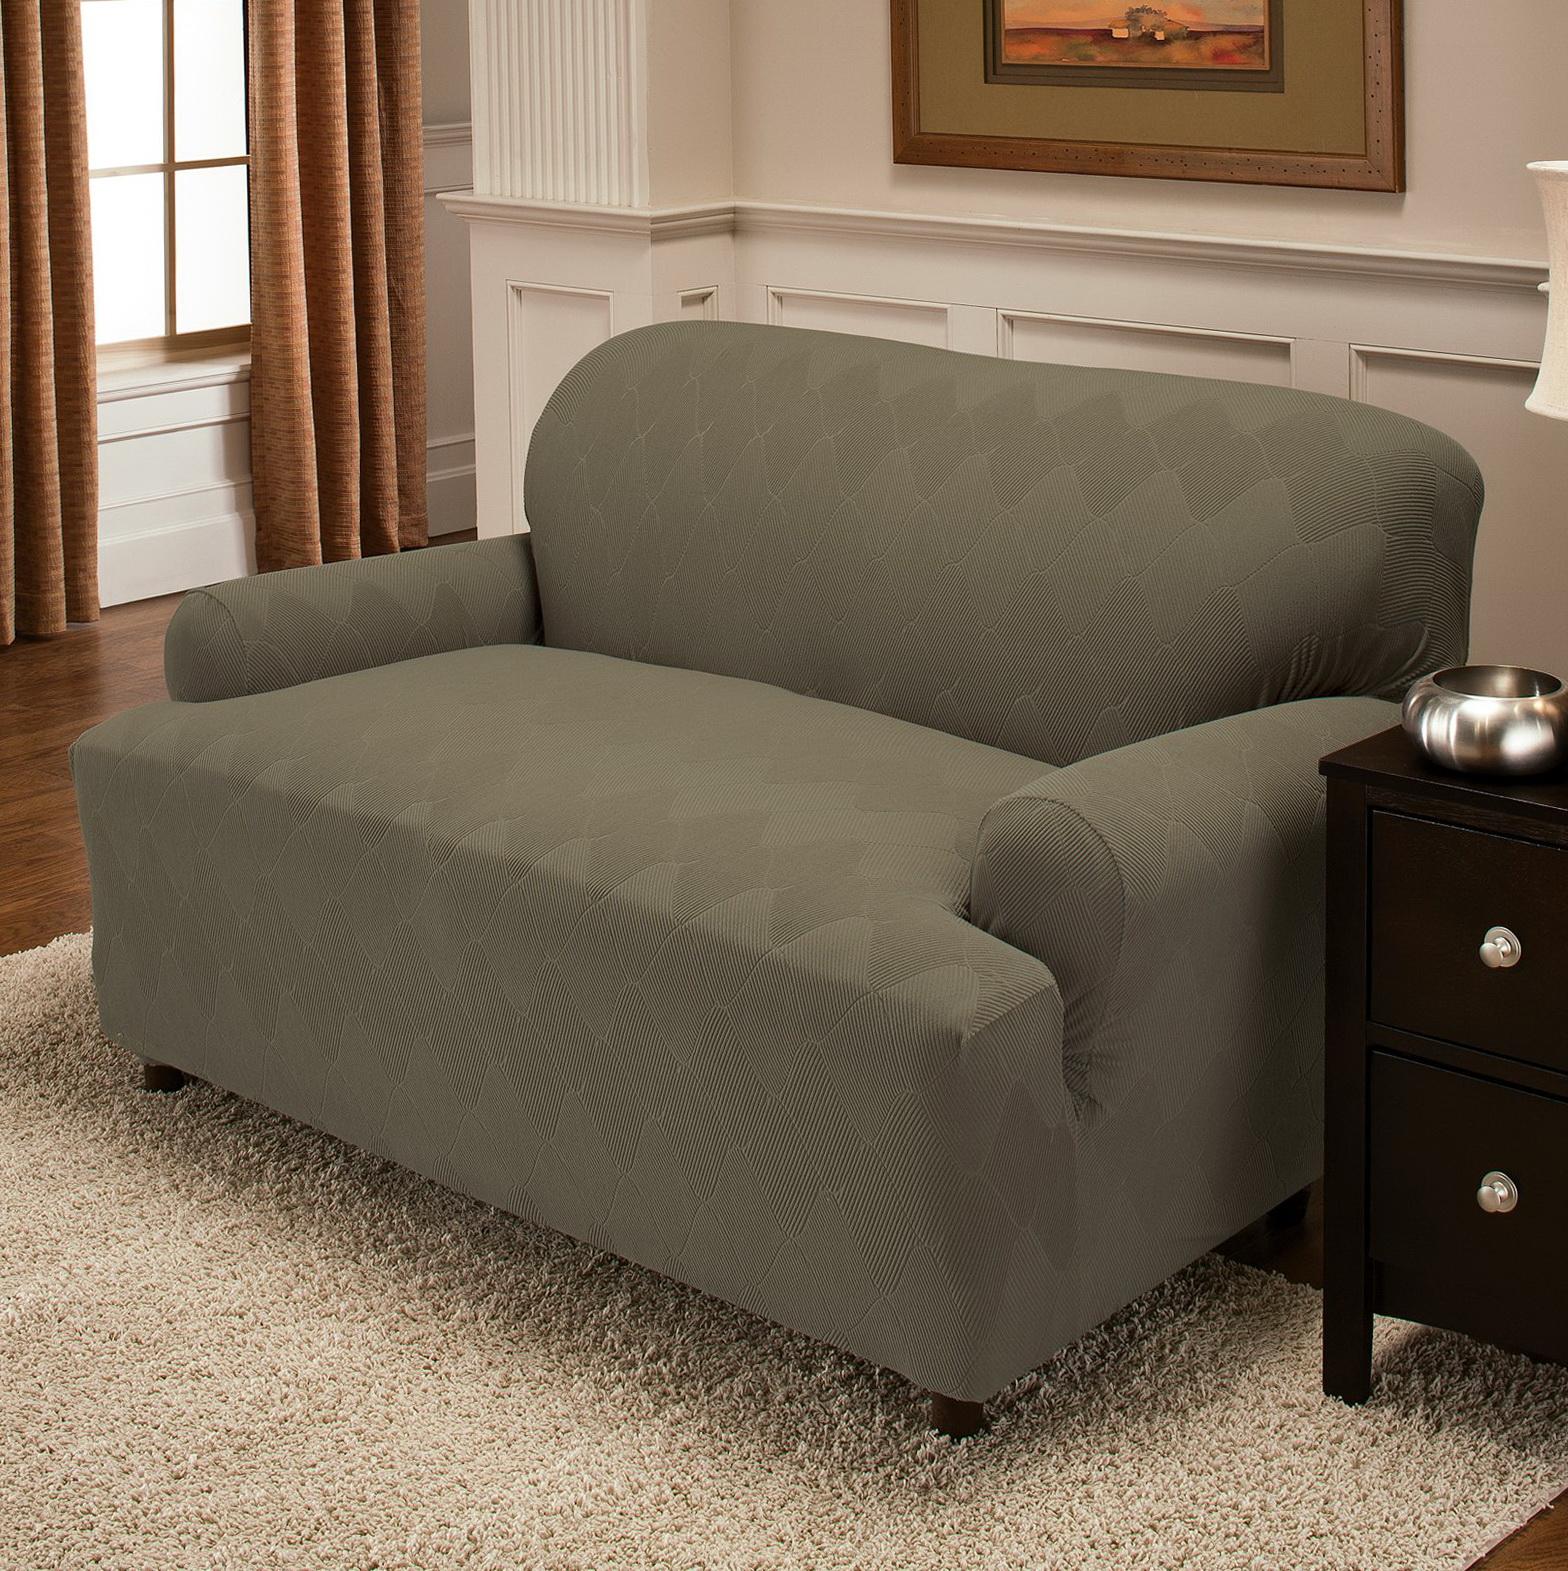 3 piece sofa slipcover t cushion theater in chennai home design ideas